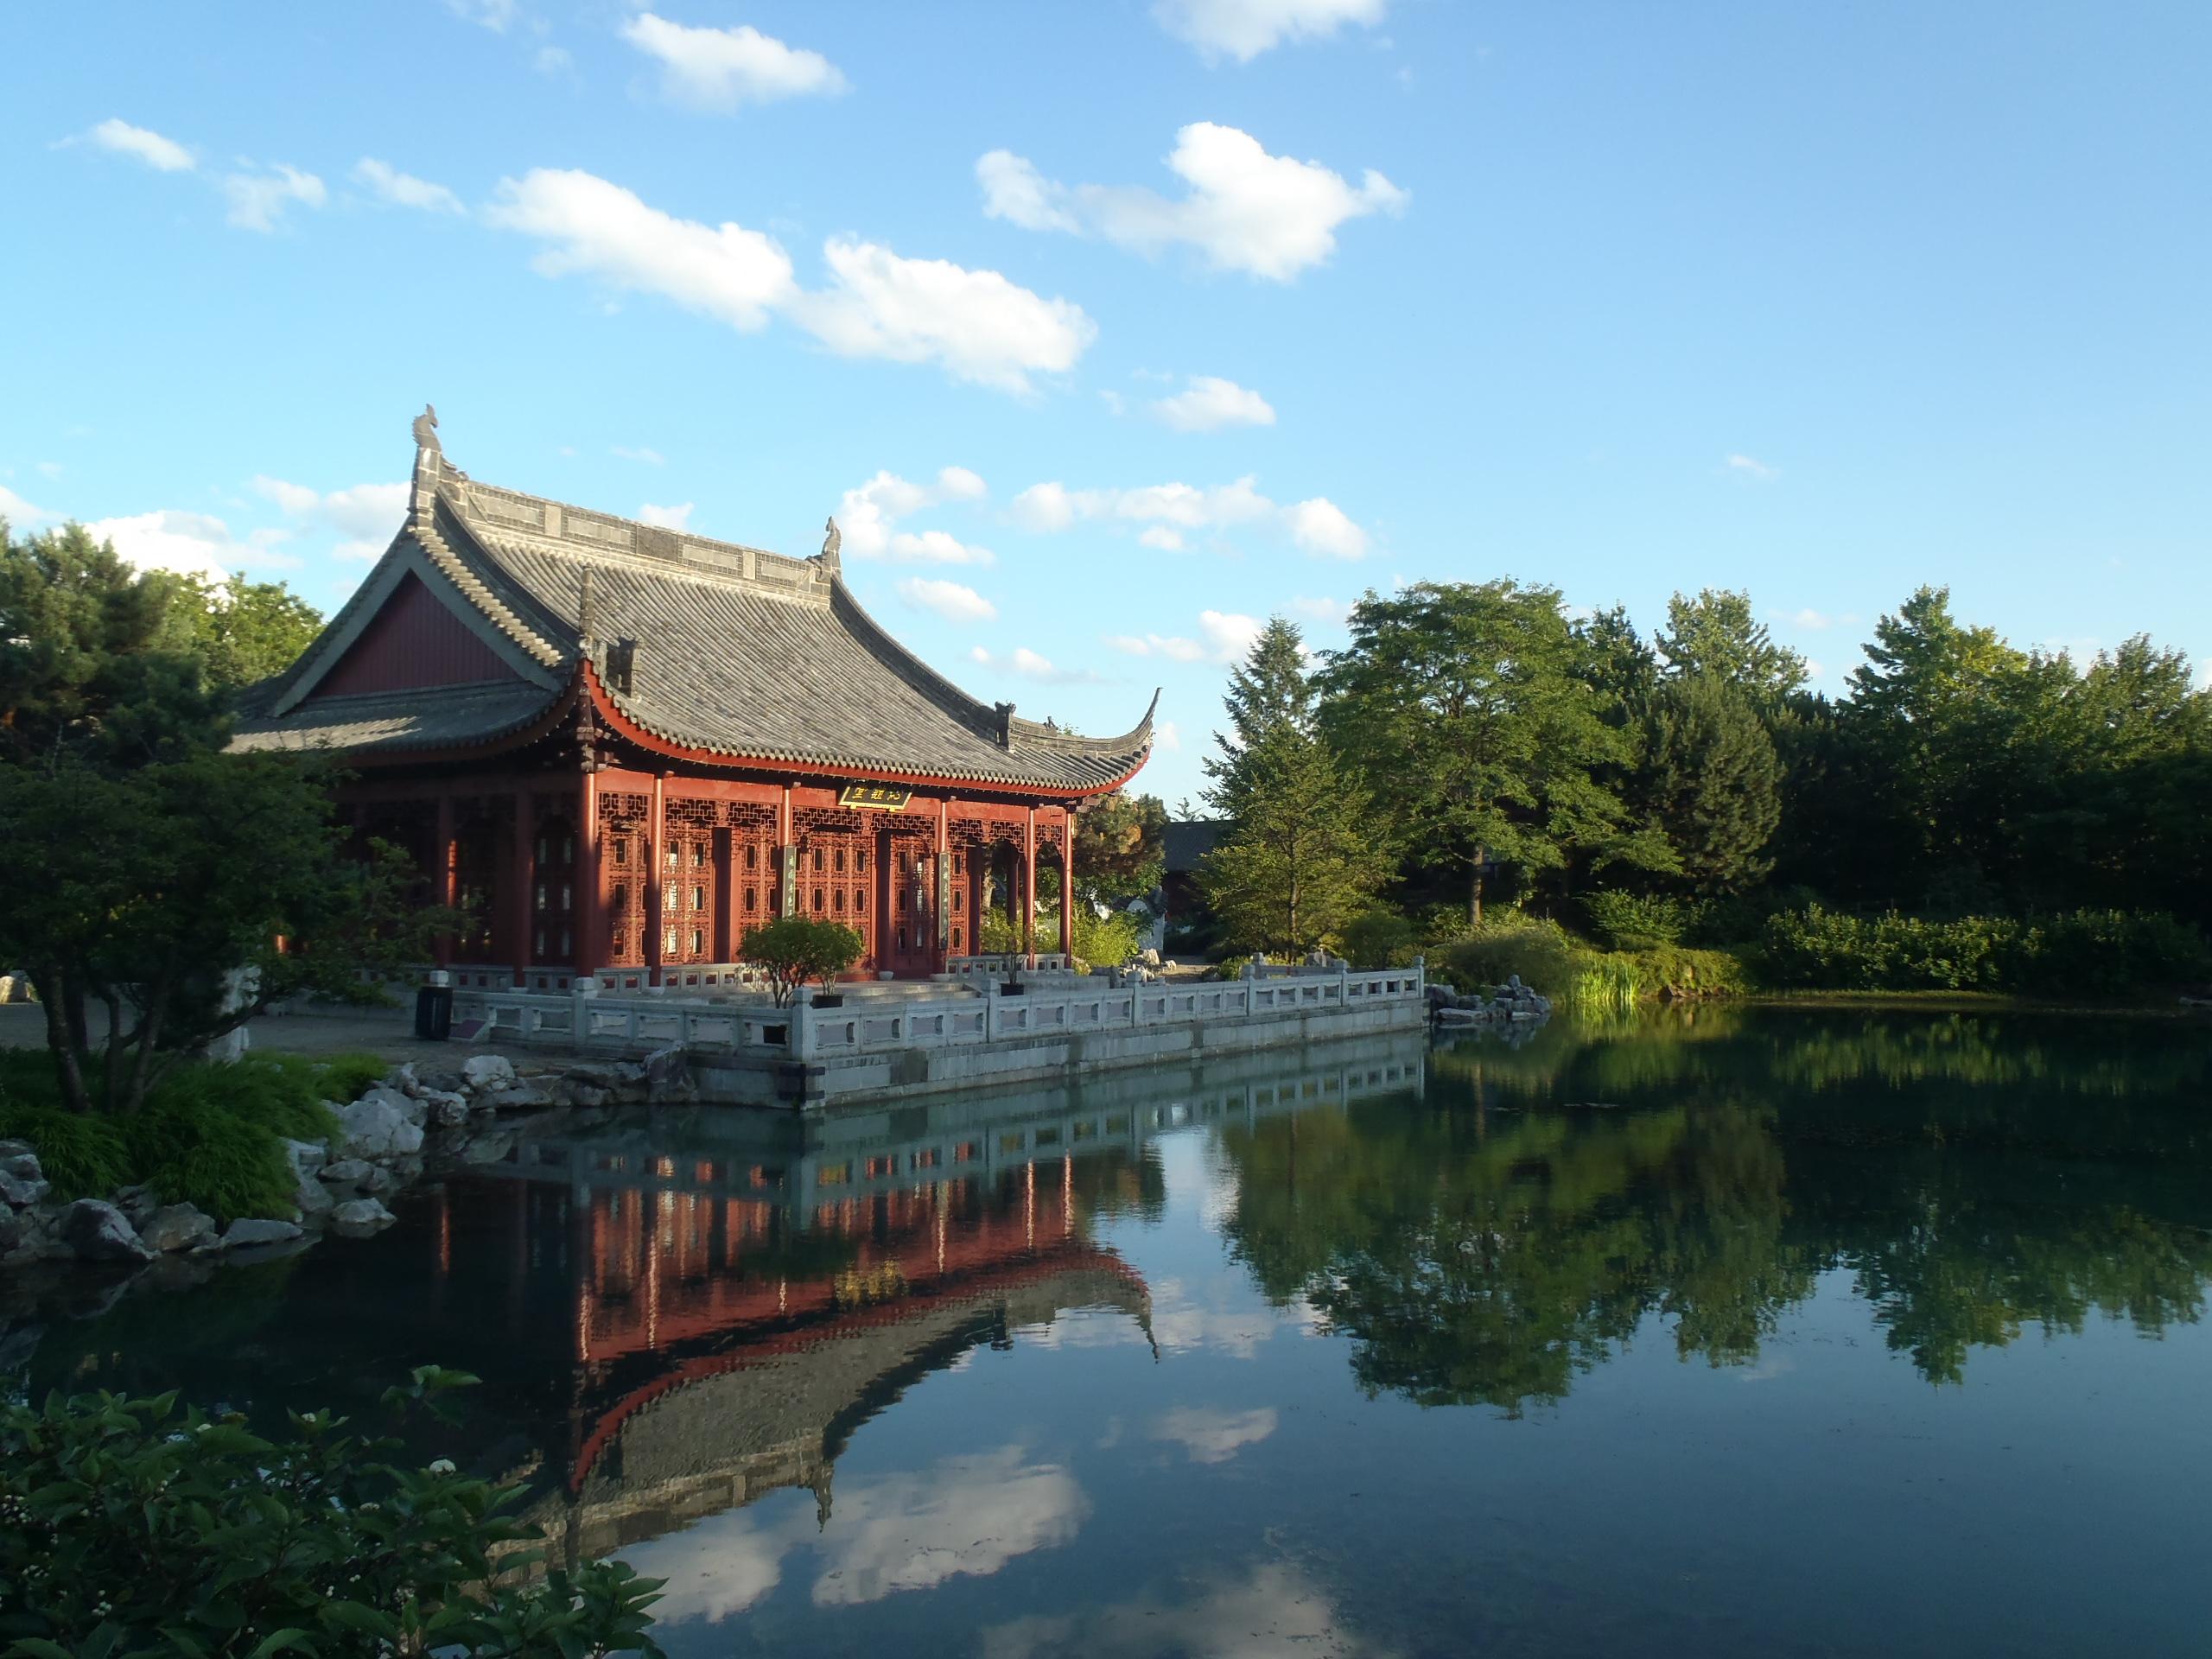 File:Jardin Botanique de Montréal - Jardin de Chine 2.jpg - Wikimedia Commons